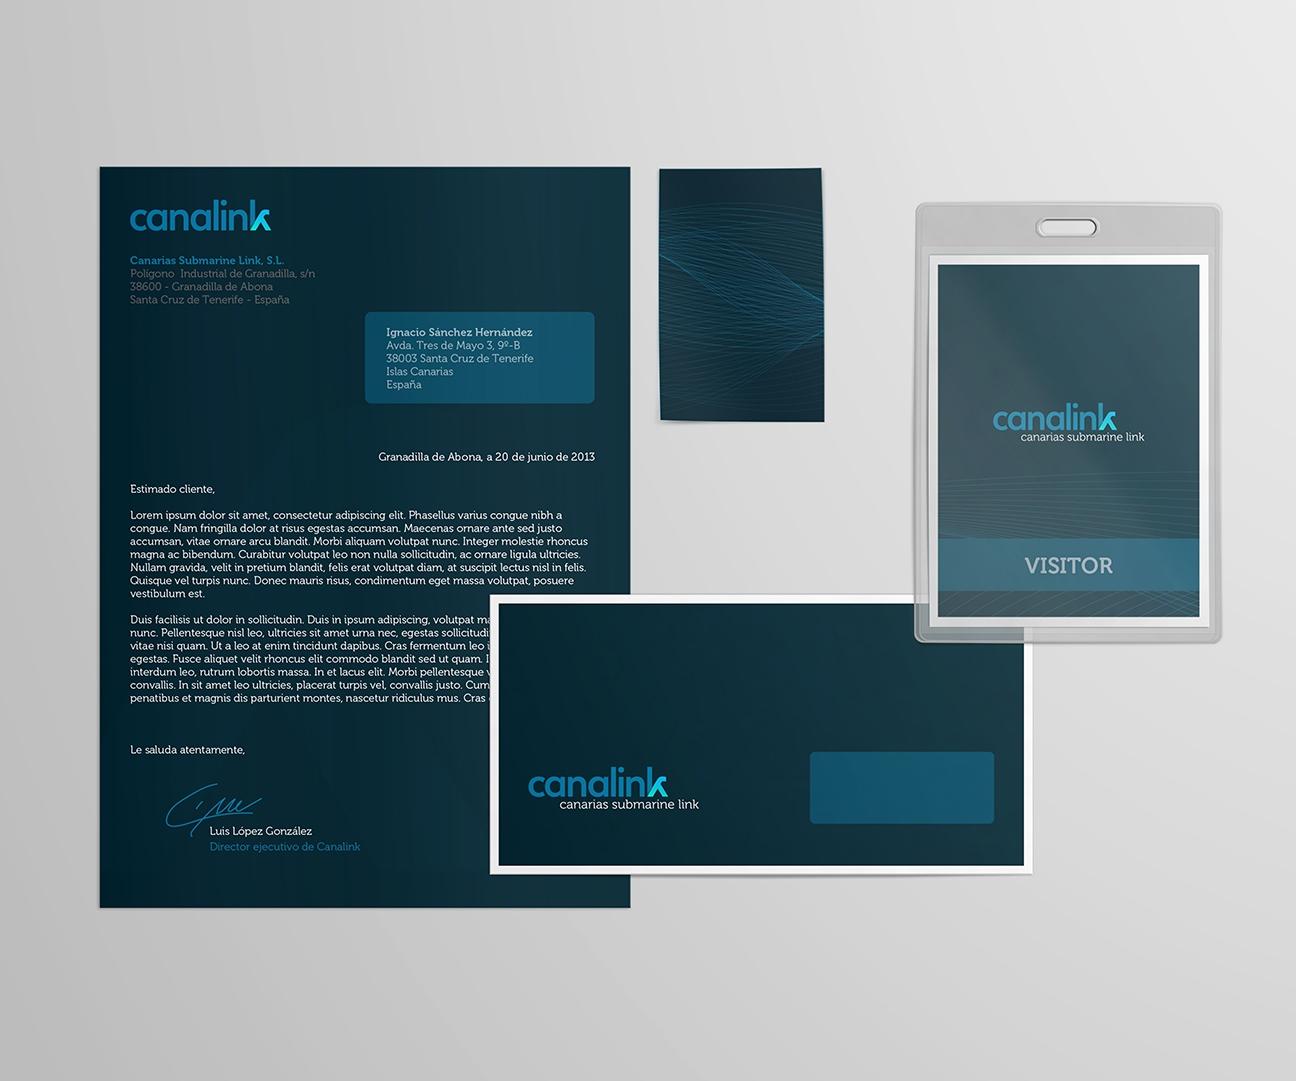 Hoja de carta, sobre e identificación de Canalink